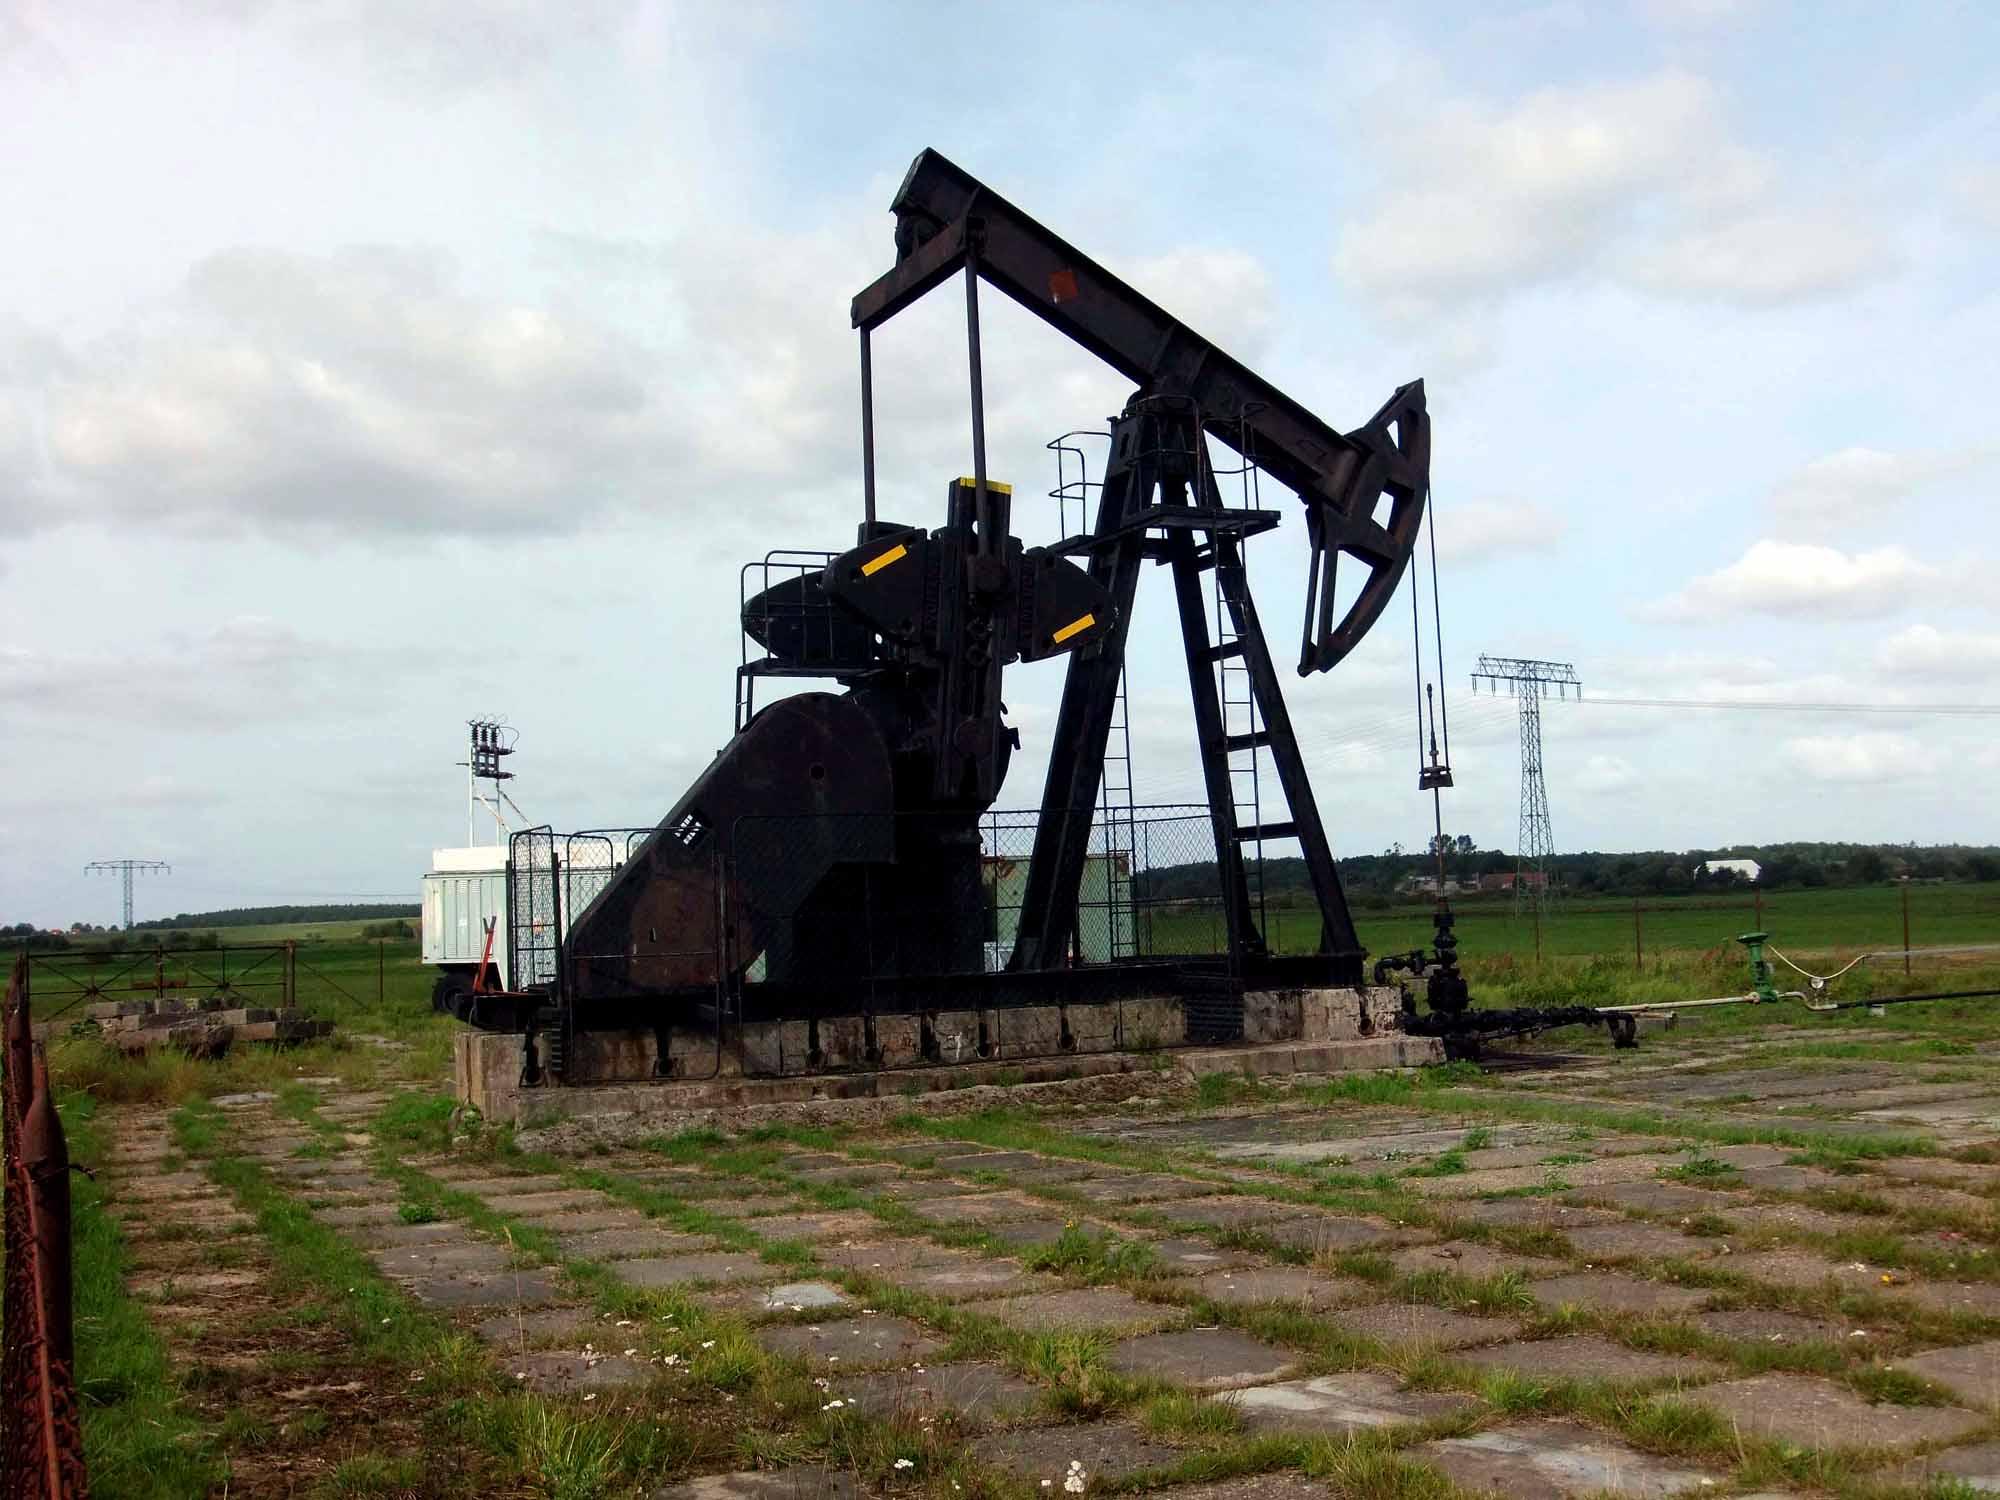 Erdölförderbohrung Mesekenhagen 1 bei Greifswald ©chef79